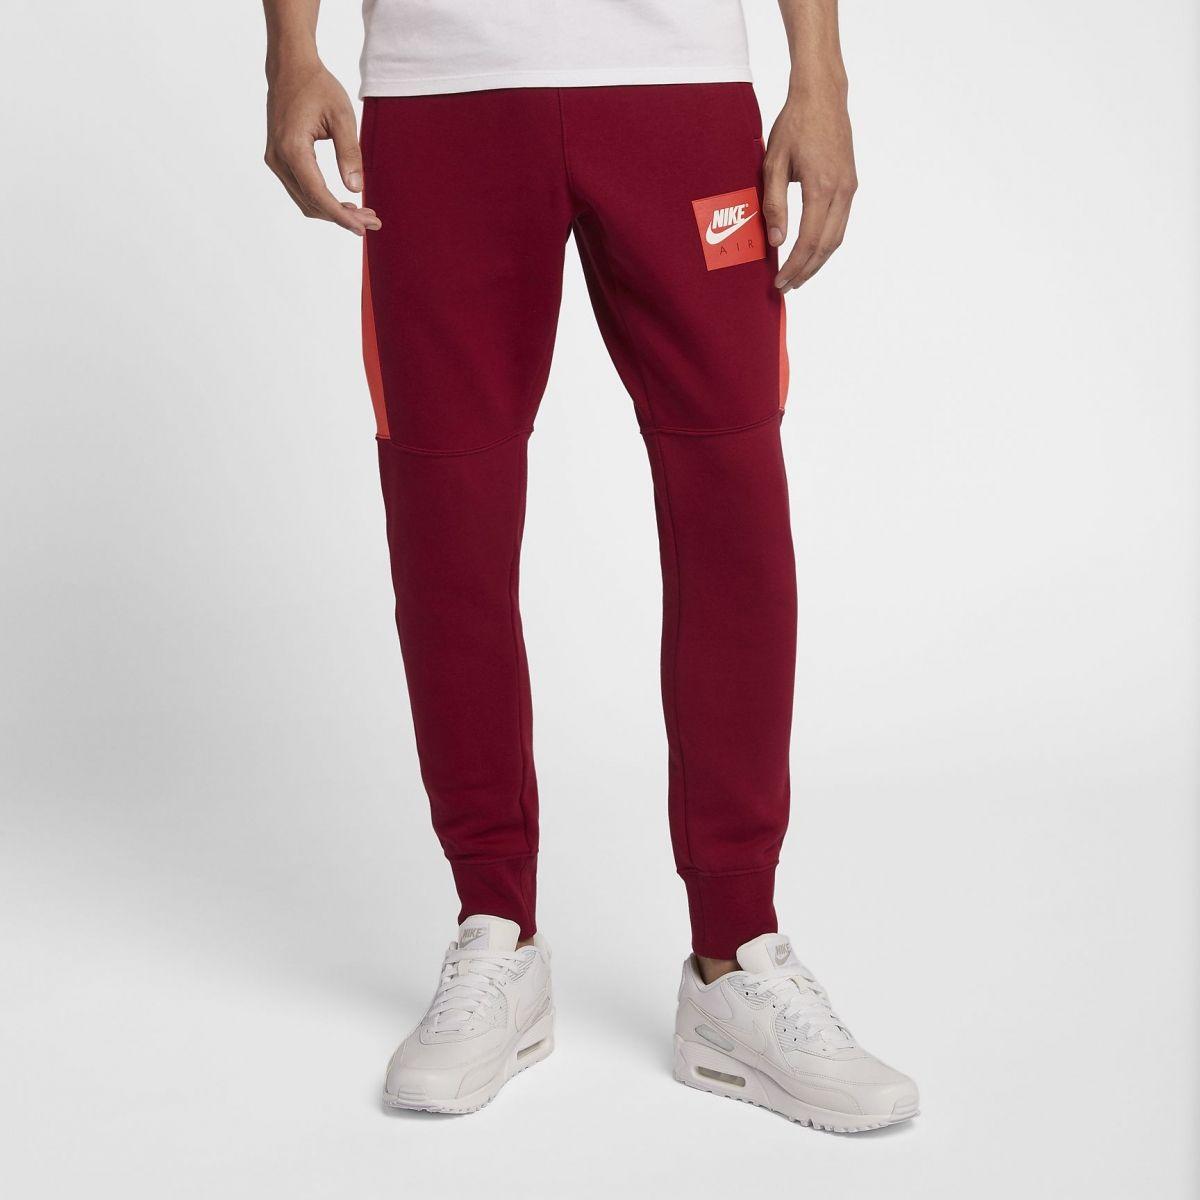 cee4d281880d00 Type Pants Nike Air Fleece Jogger Pants